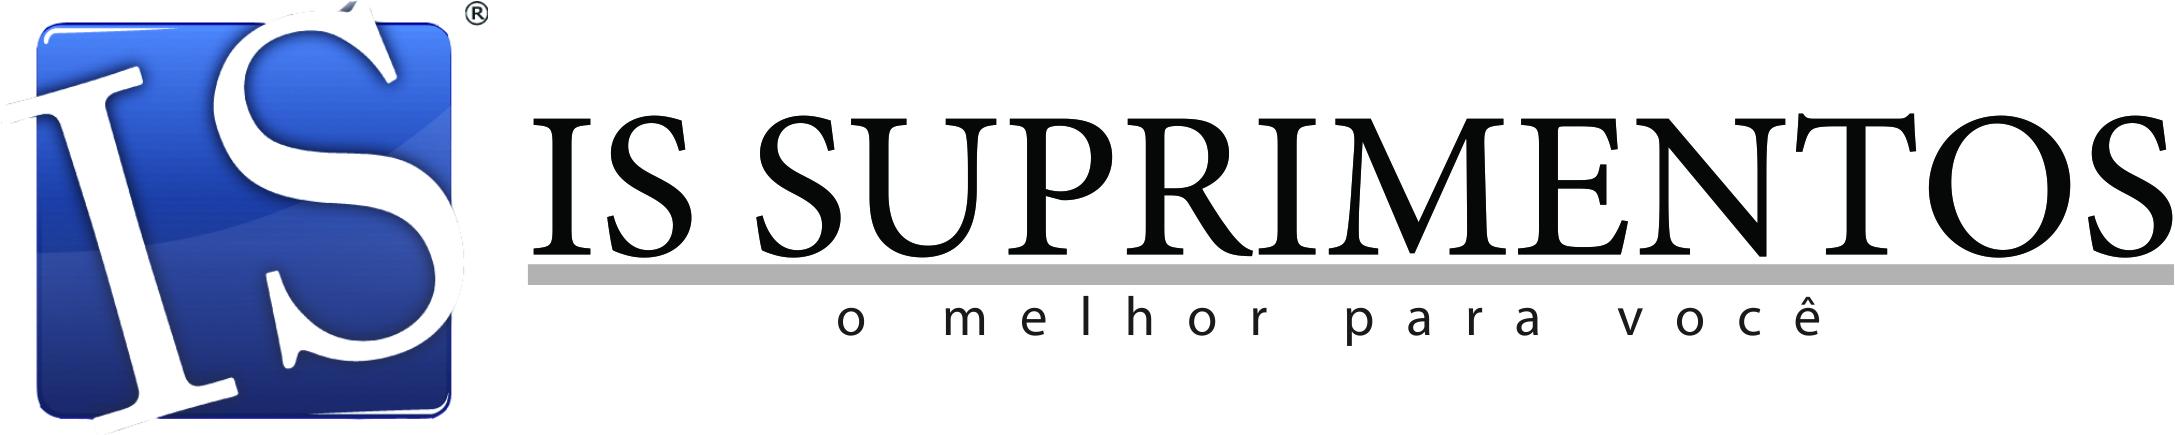 logotipo_Is_Suprimentos.jpg